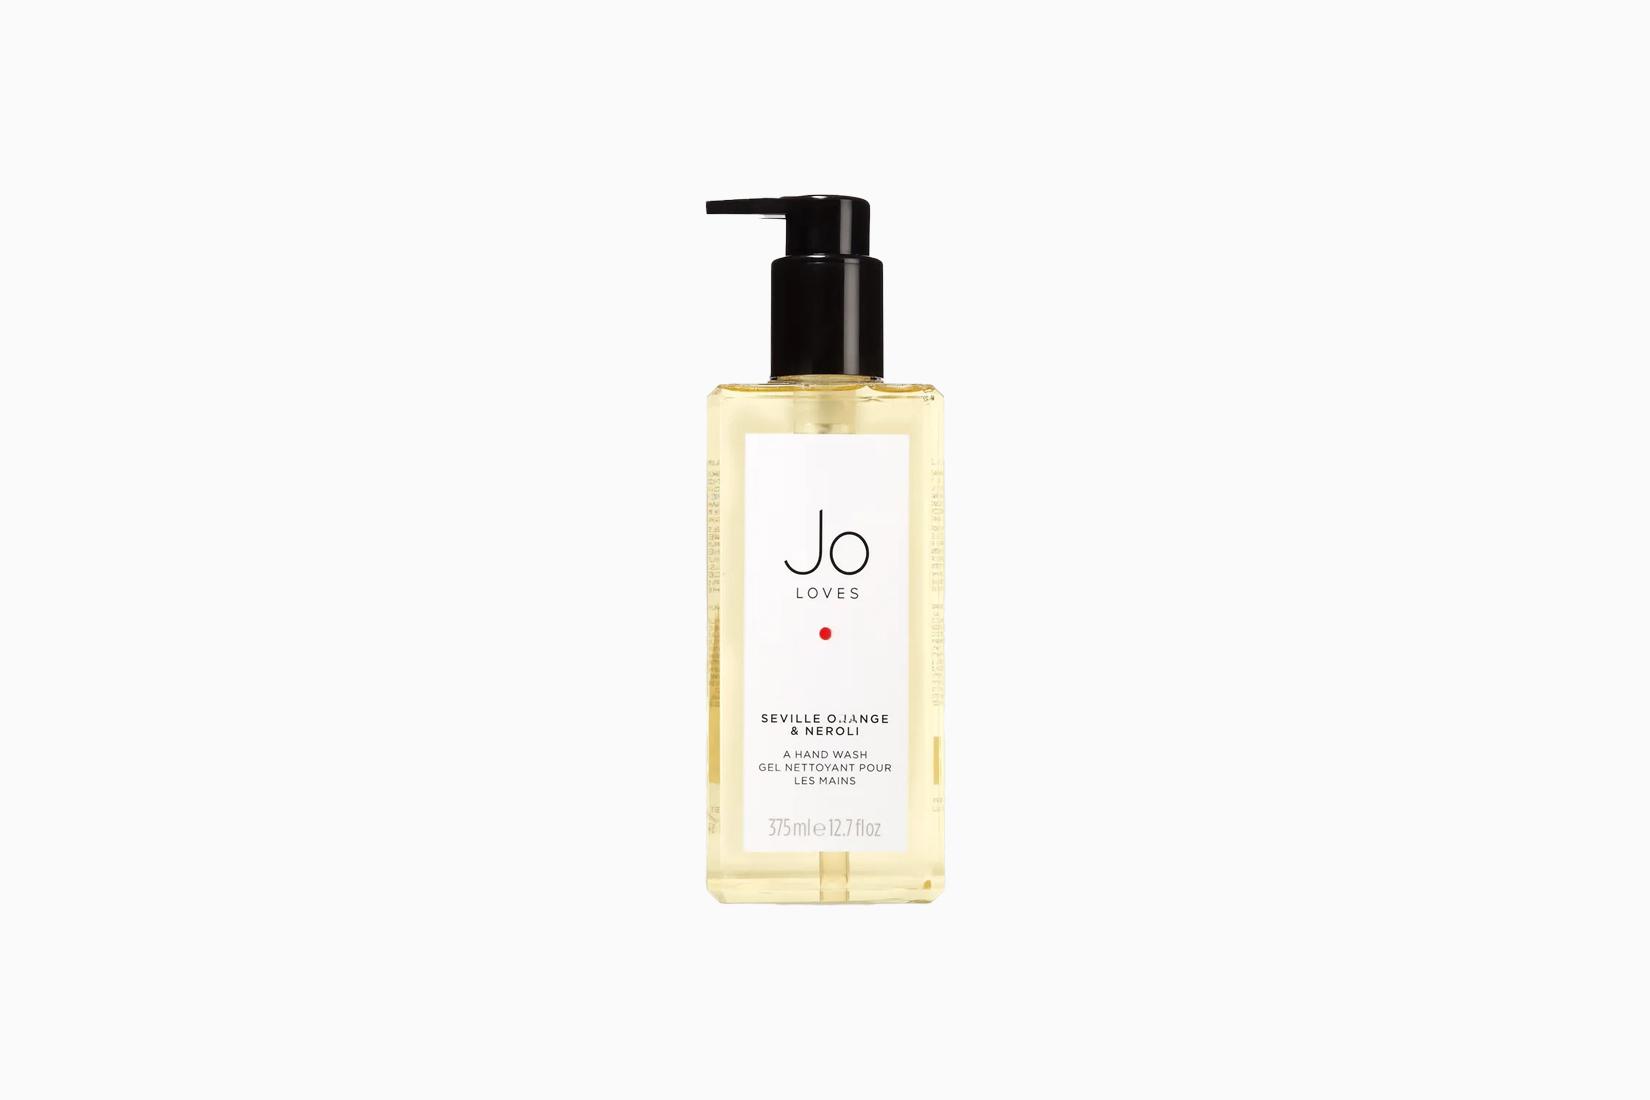 best hand soap jo loves review - Luxe Digital